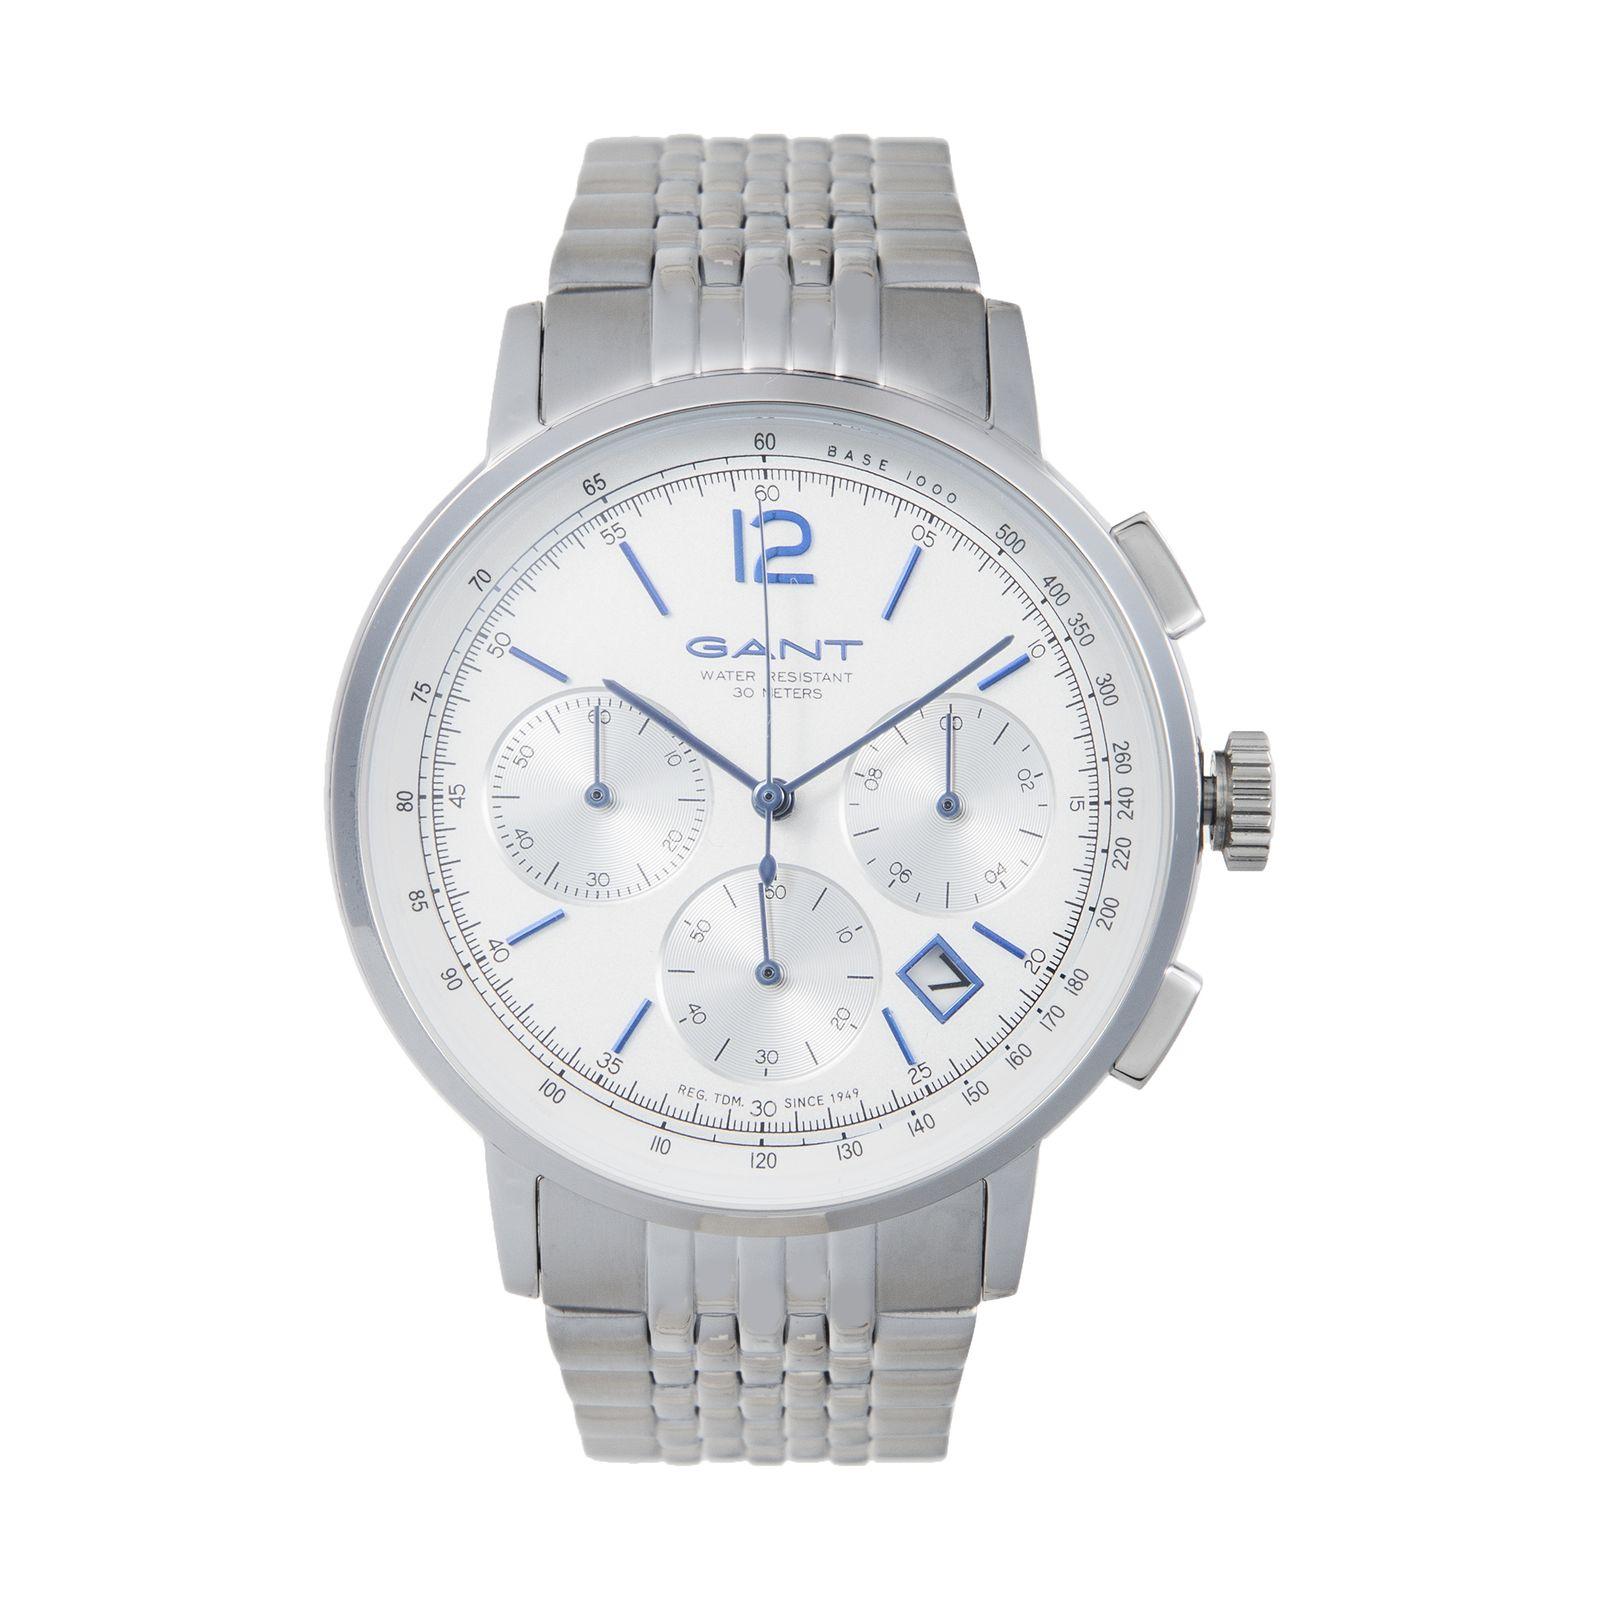 ساعت مچی عقربه ای مردانه گنت مدل GWW079003 -  - 2